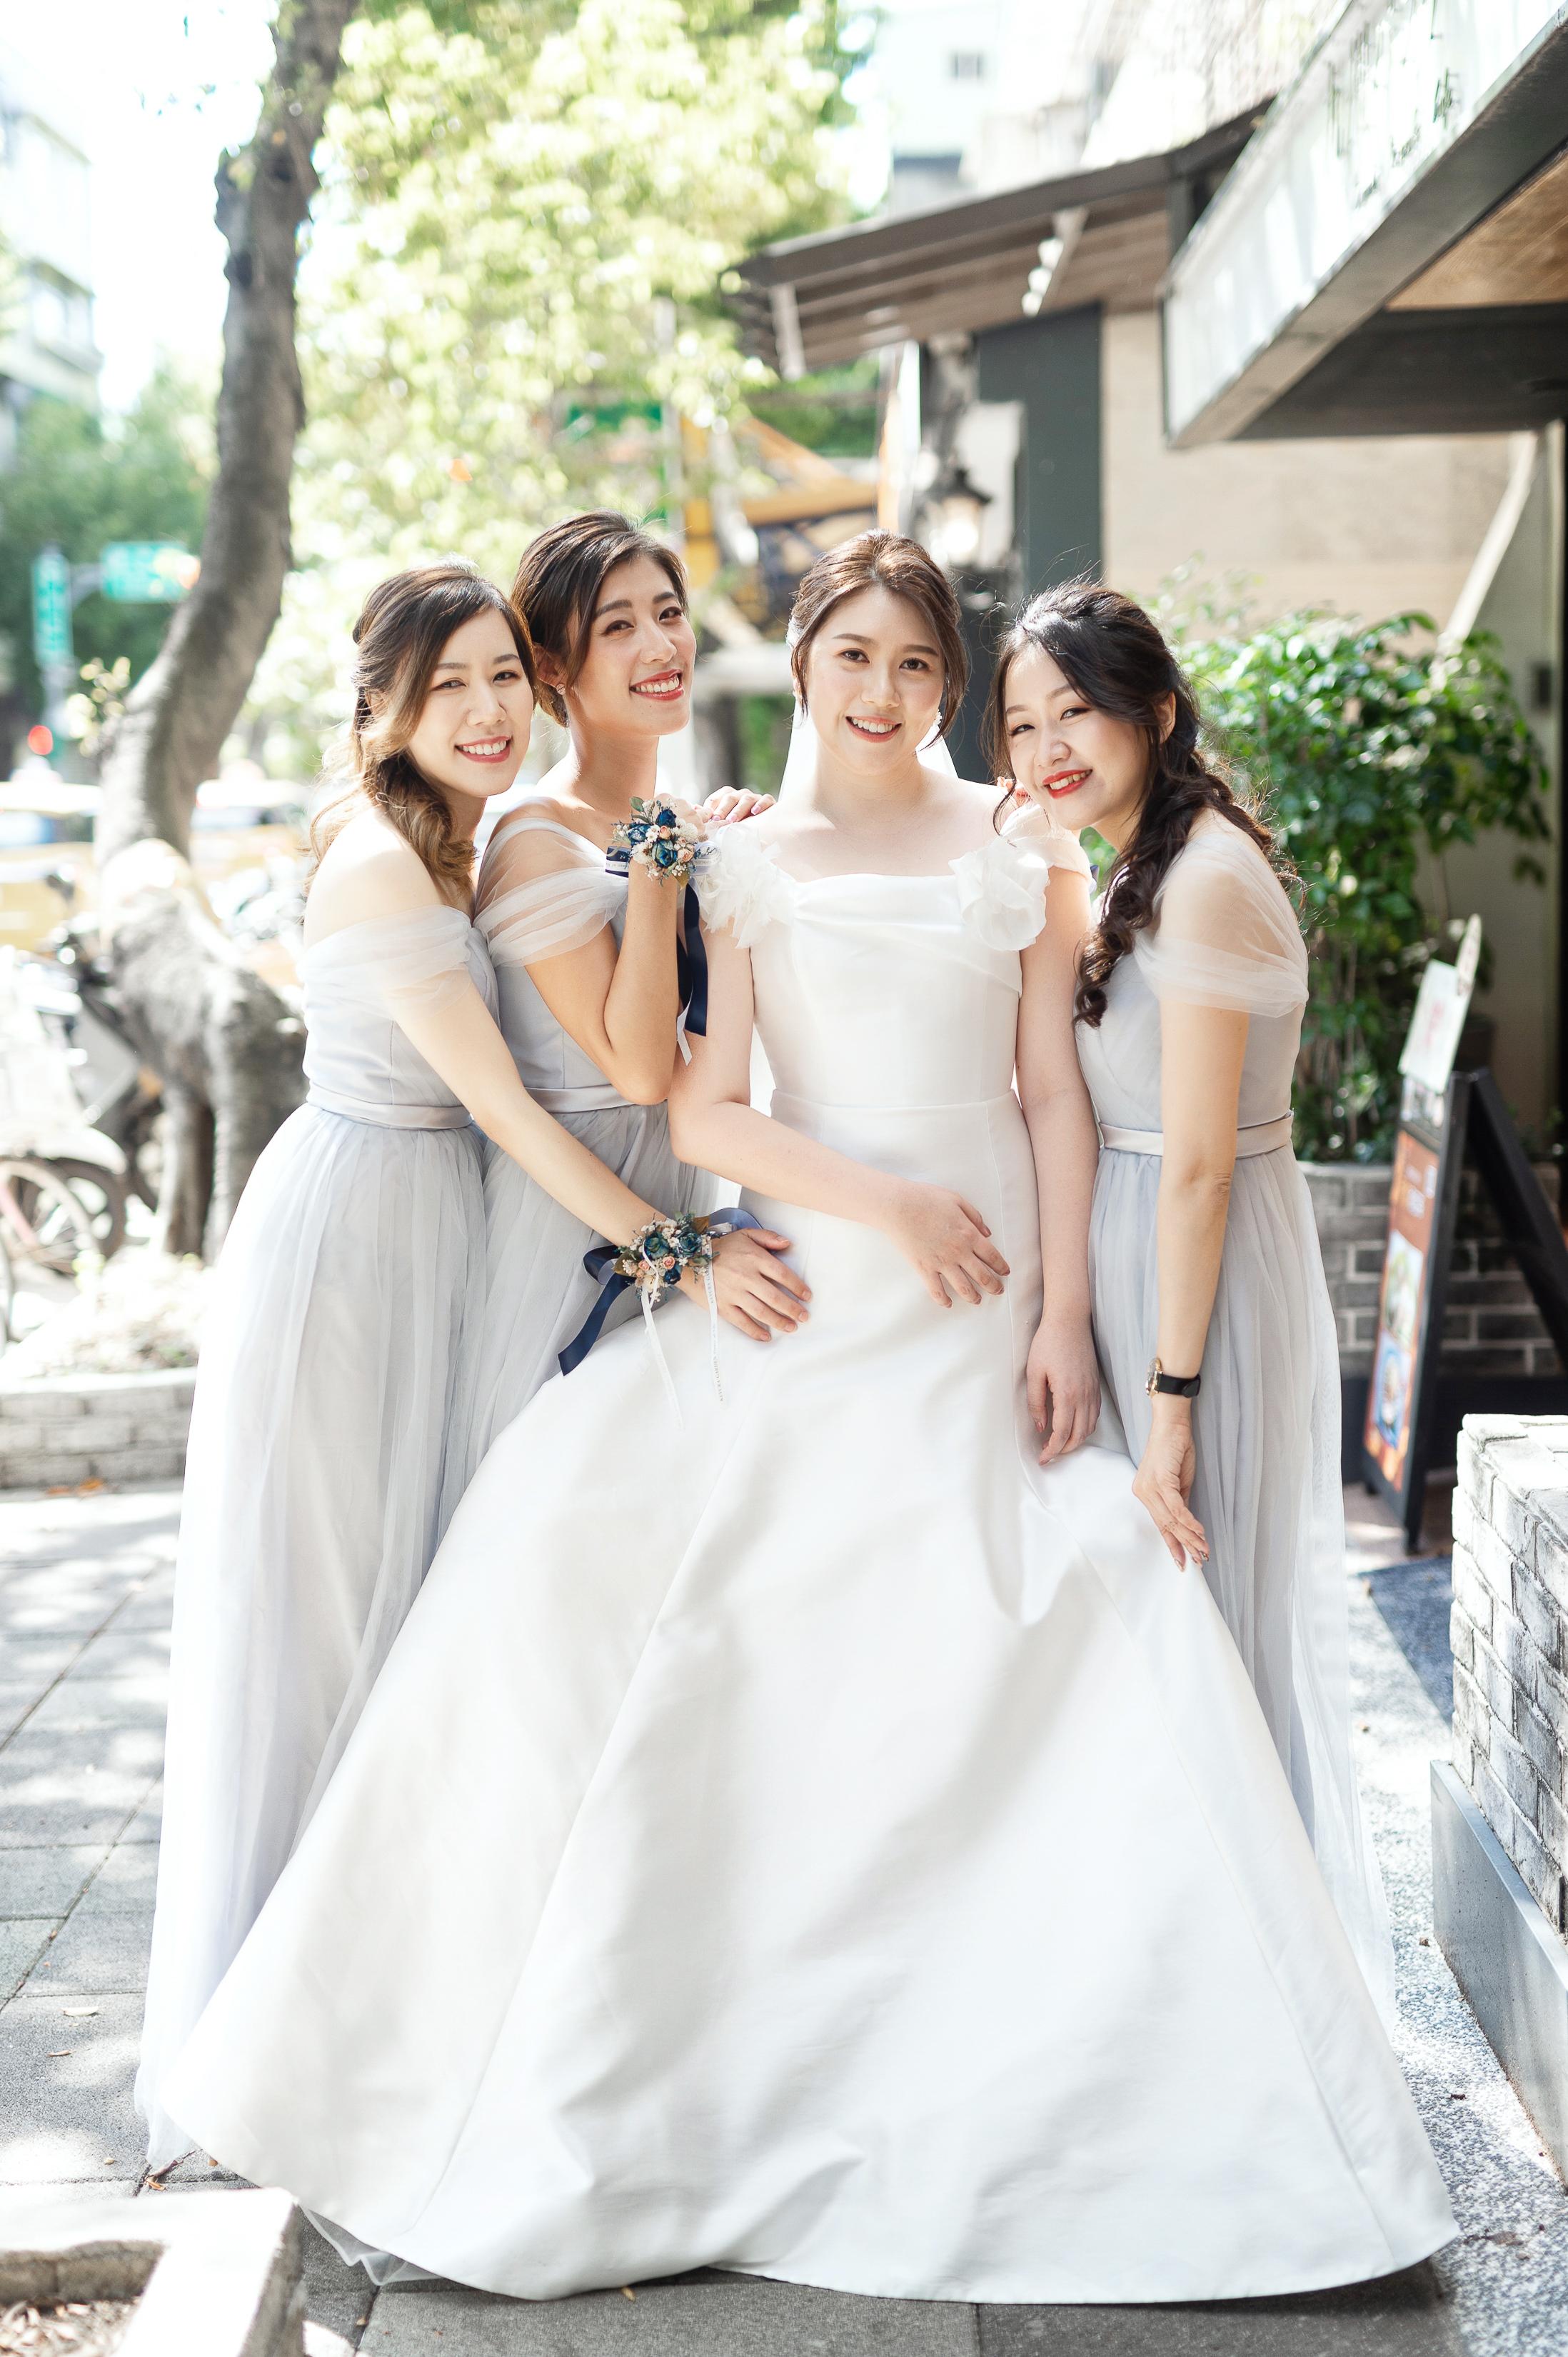 婚禮紀錄 婚攝小亮 推薦婚攝 台北婚攝 ptt推薦 W hotel W婚攝